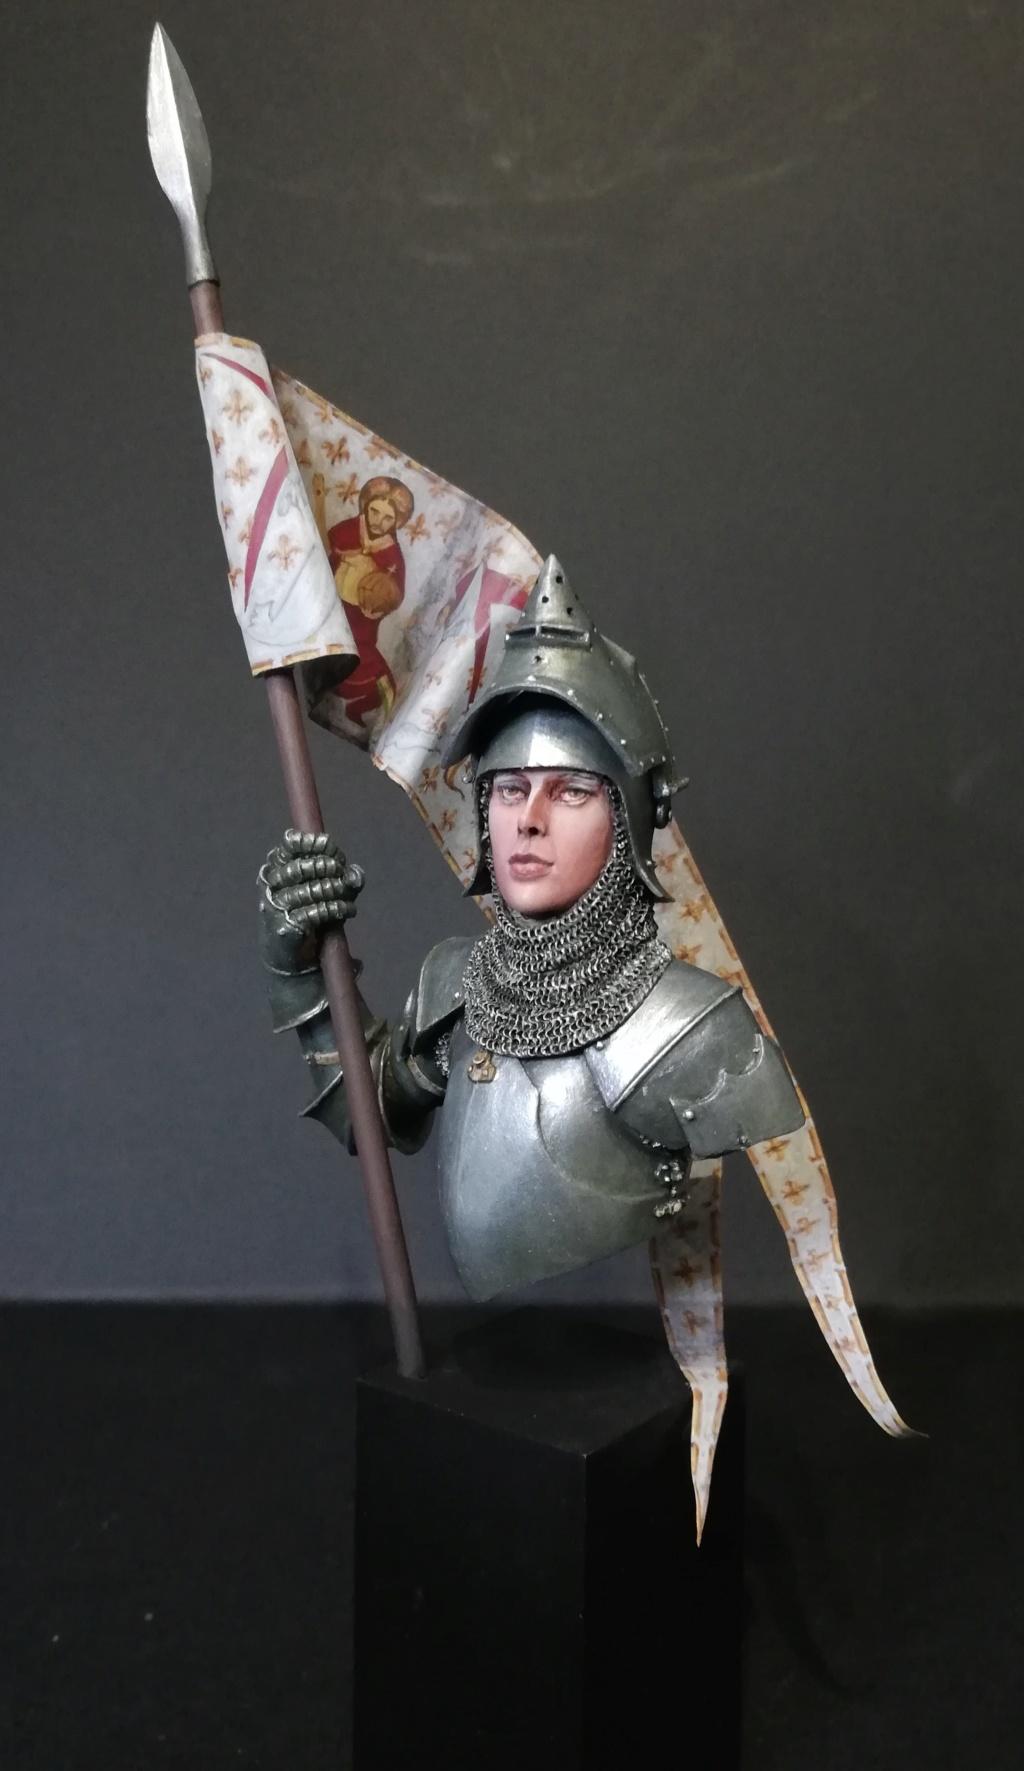 Jeanne d'Arc - retouches et nouvelles photos - Page 2 Jeanne42